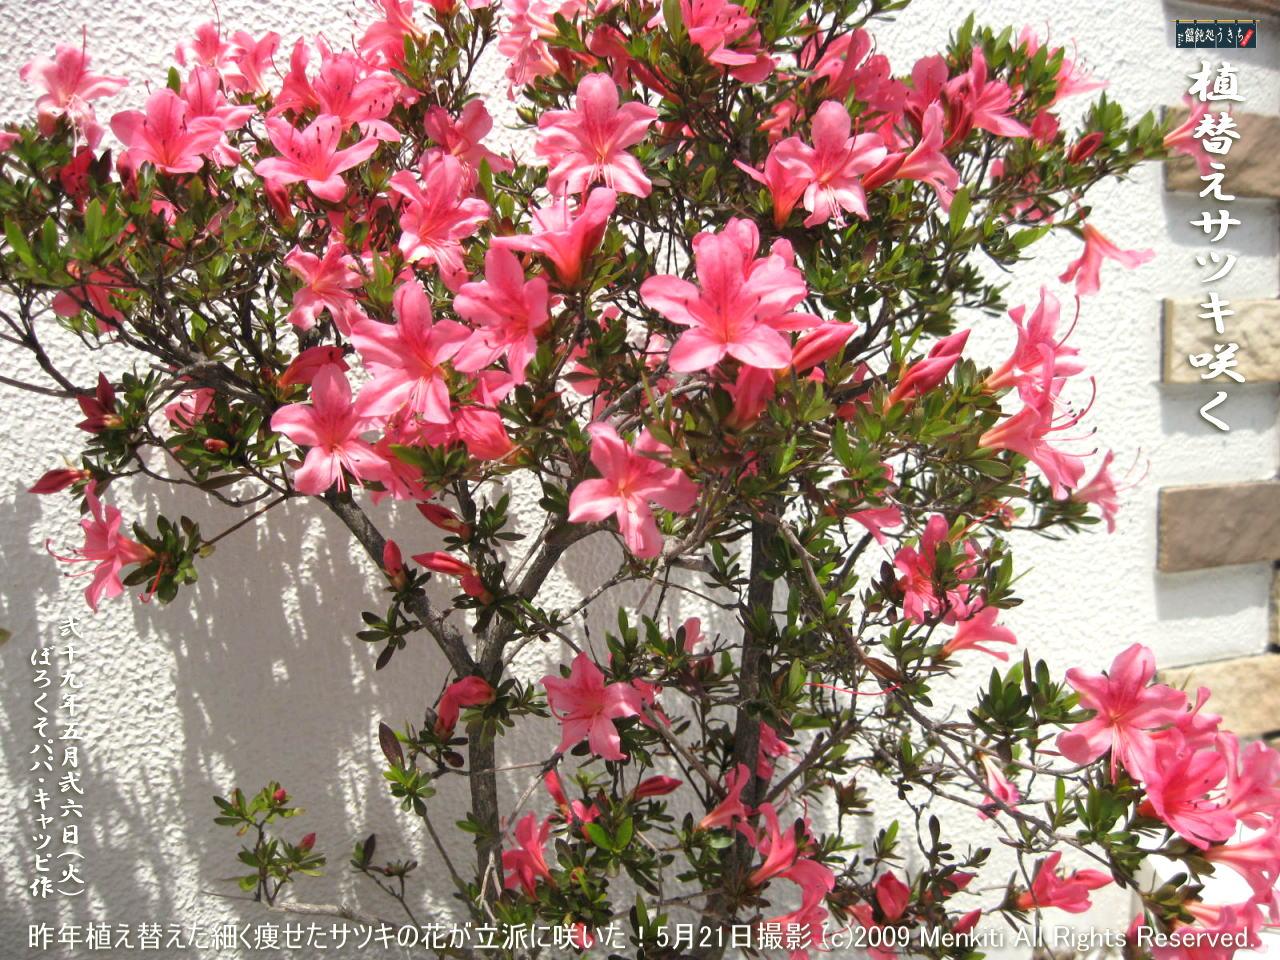 5/26(火)【植替えサツキ】昨年玄関花壇に2本だけ植え替えた細く痩せたサツキの花が立派に咲いた! @キャツピ&めん吉の【ぼろくそパパの独り言】 ▼マウスオーバー(カーソルを画像の上に置く)で別の画像に替わります。     ▼クリックで1280x960画像に拡大します。